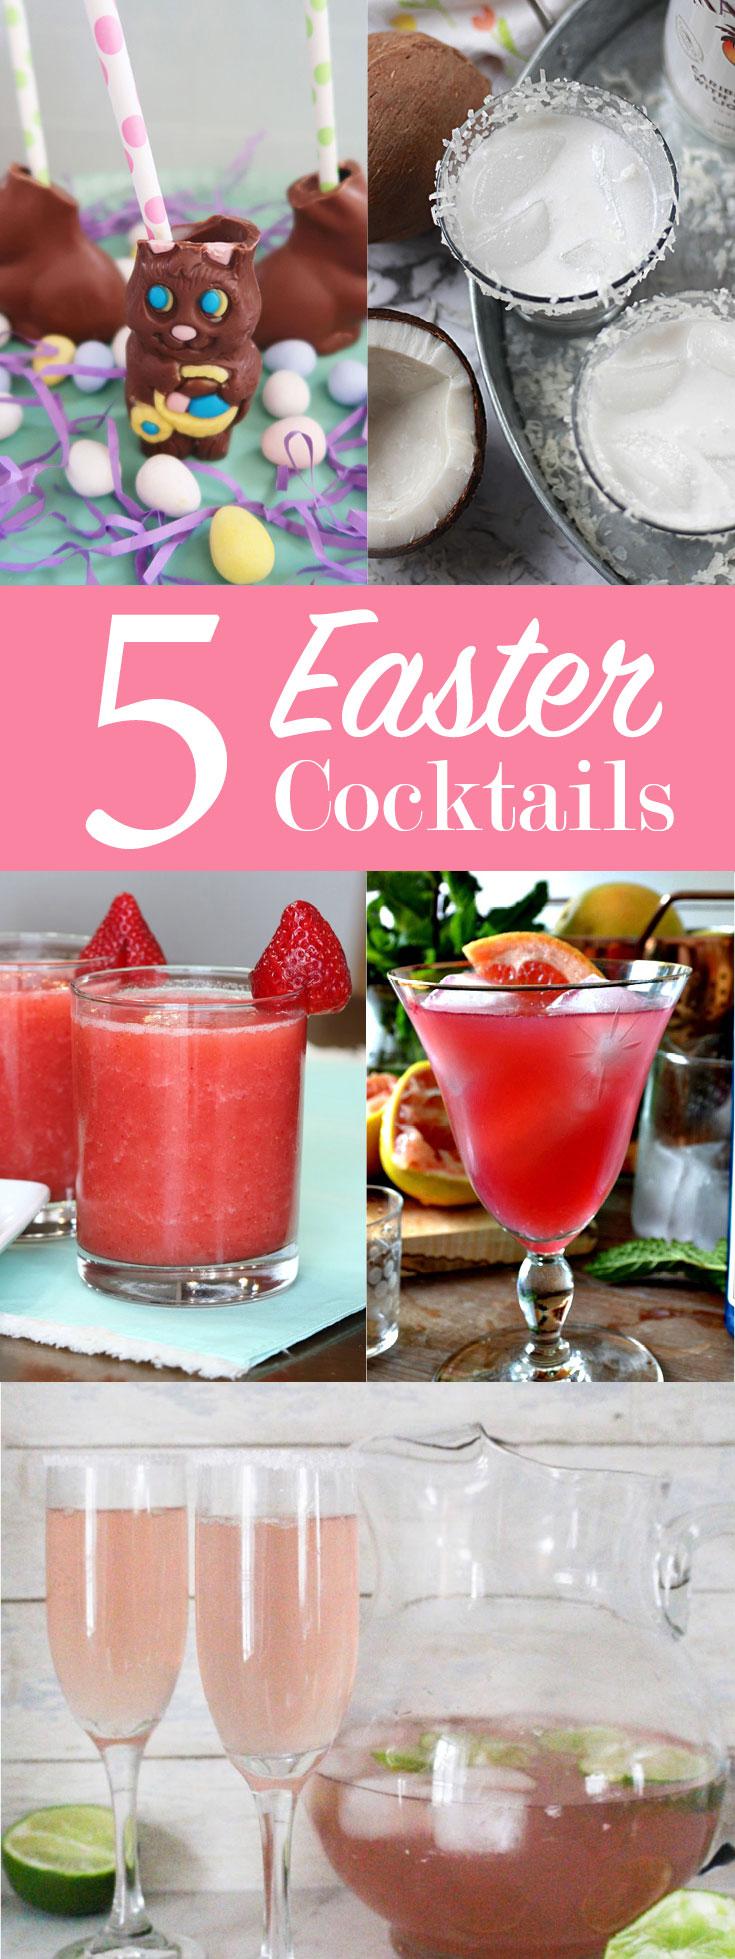 5_Easter_Cocktails.jpg